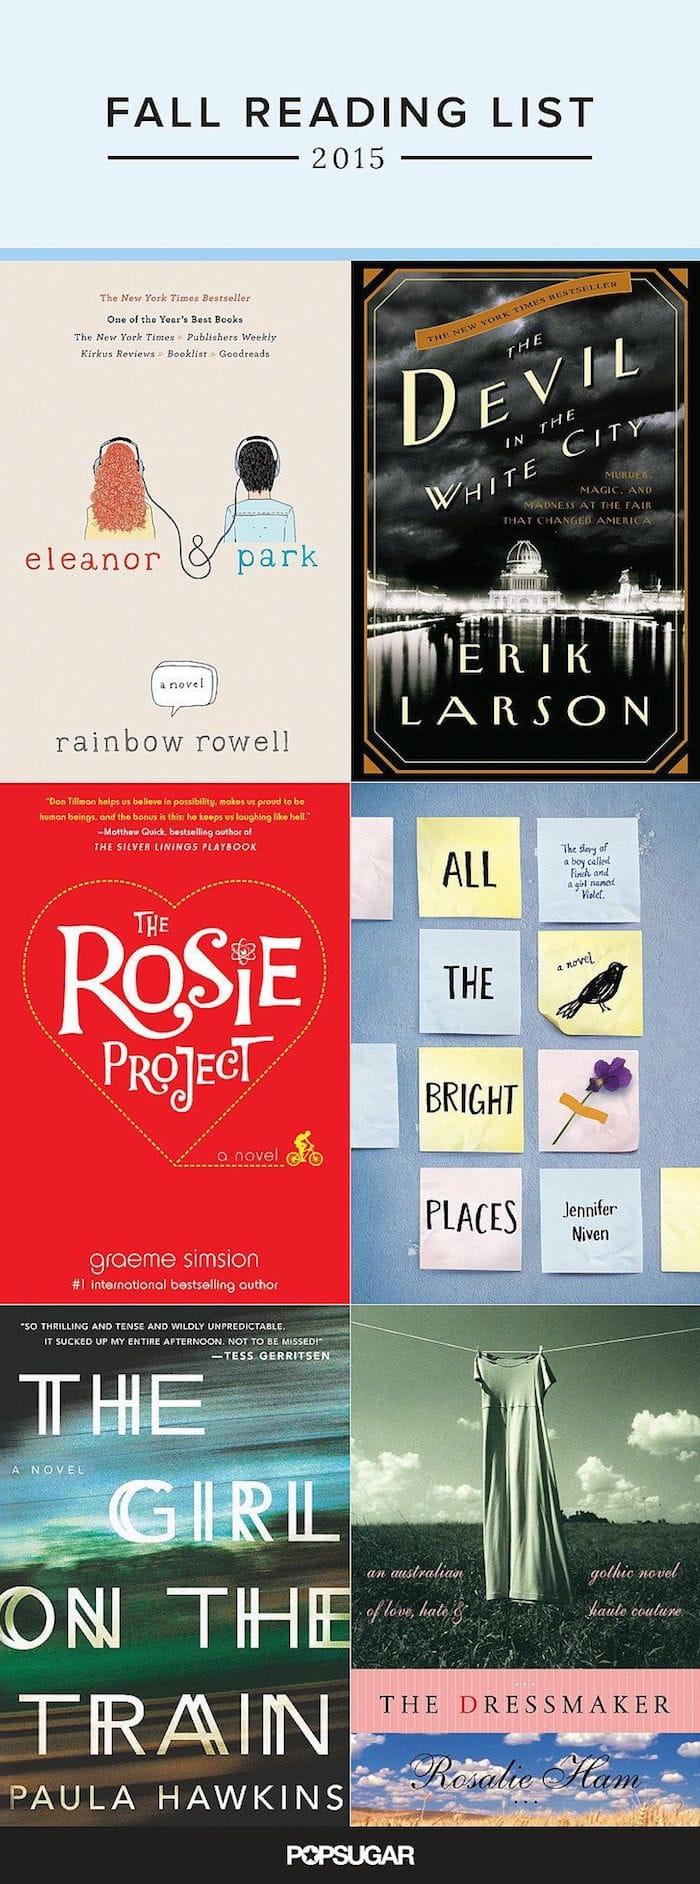 Books into Movies via PopSugar